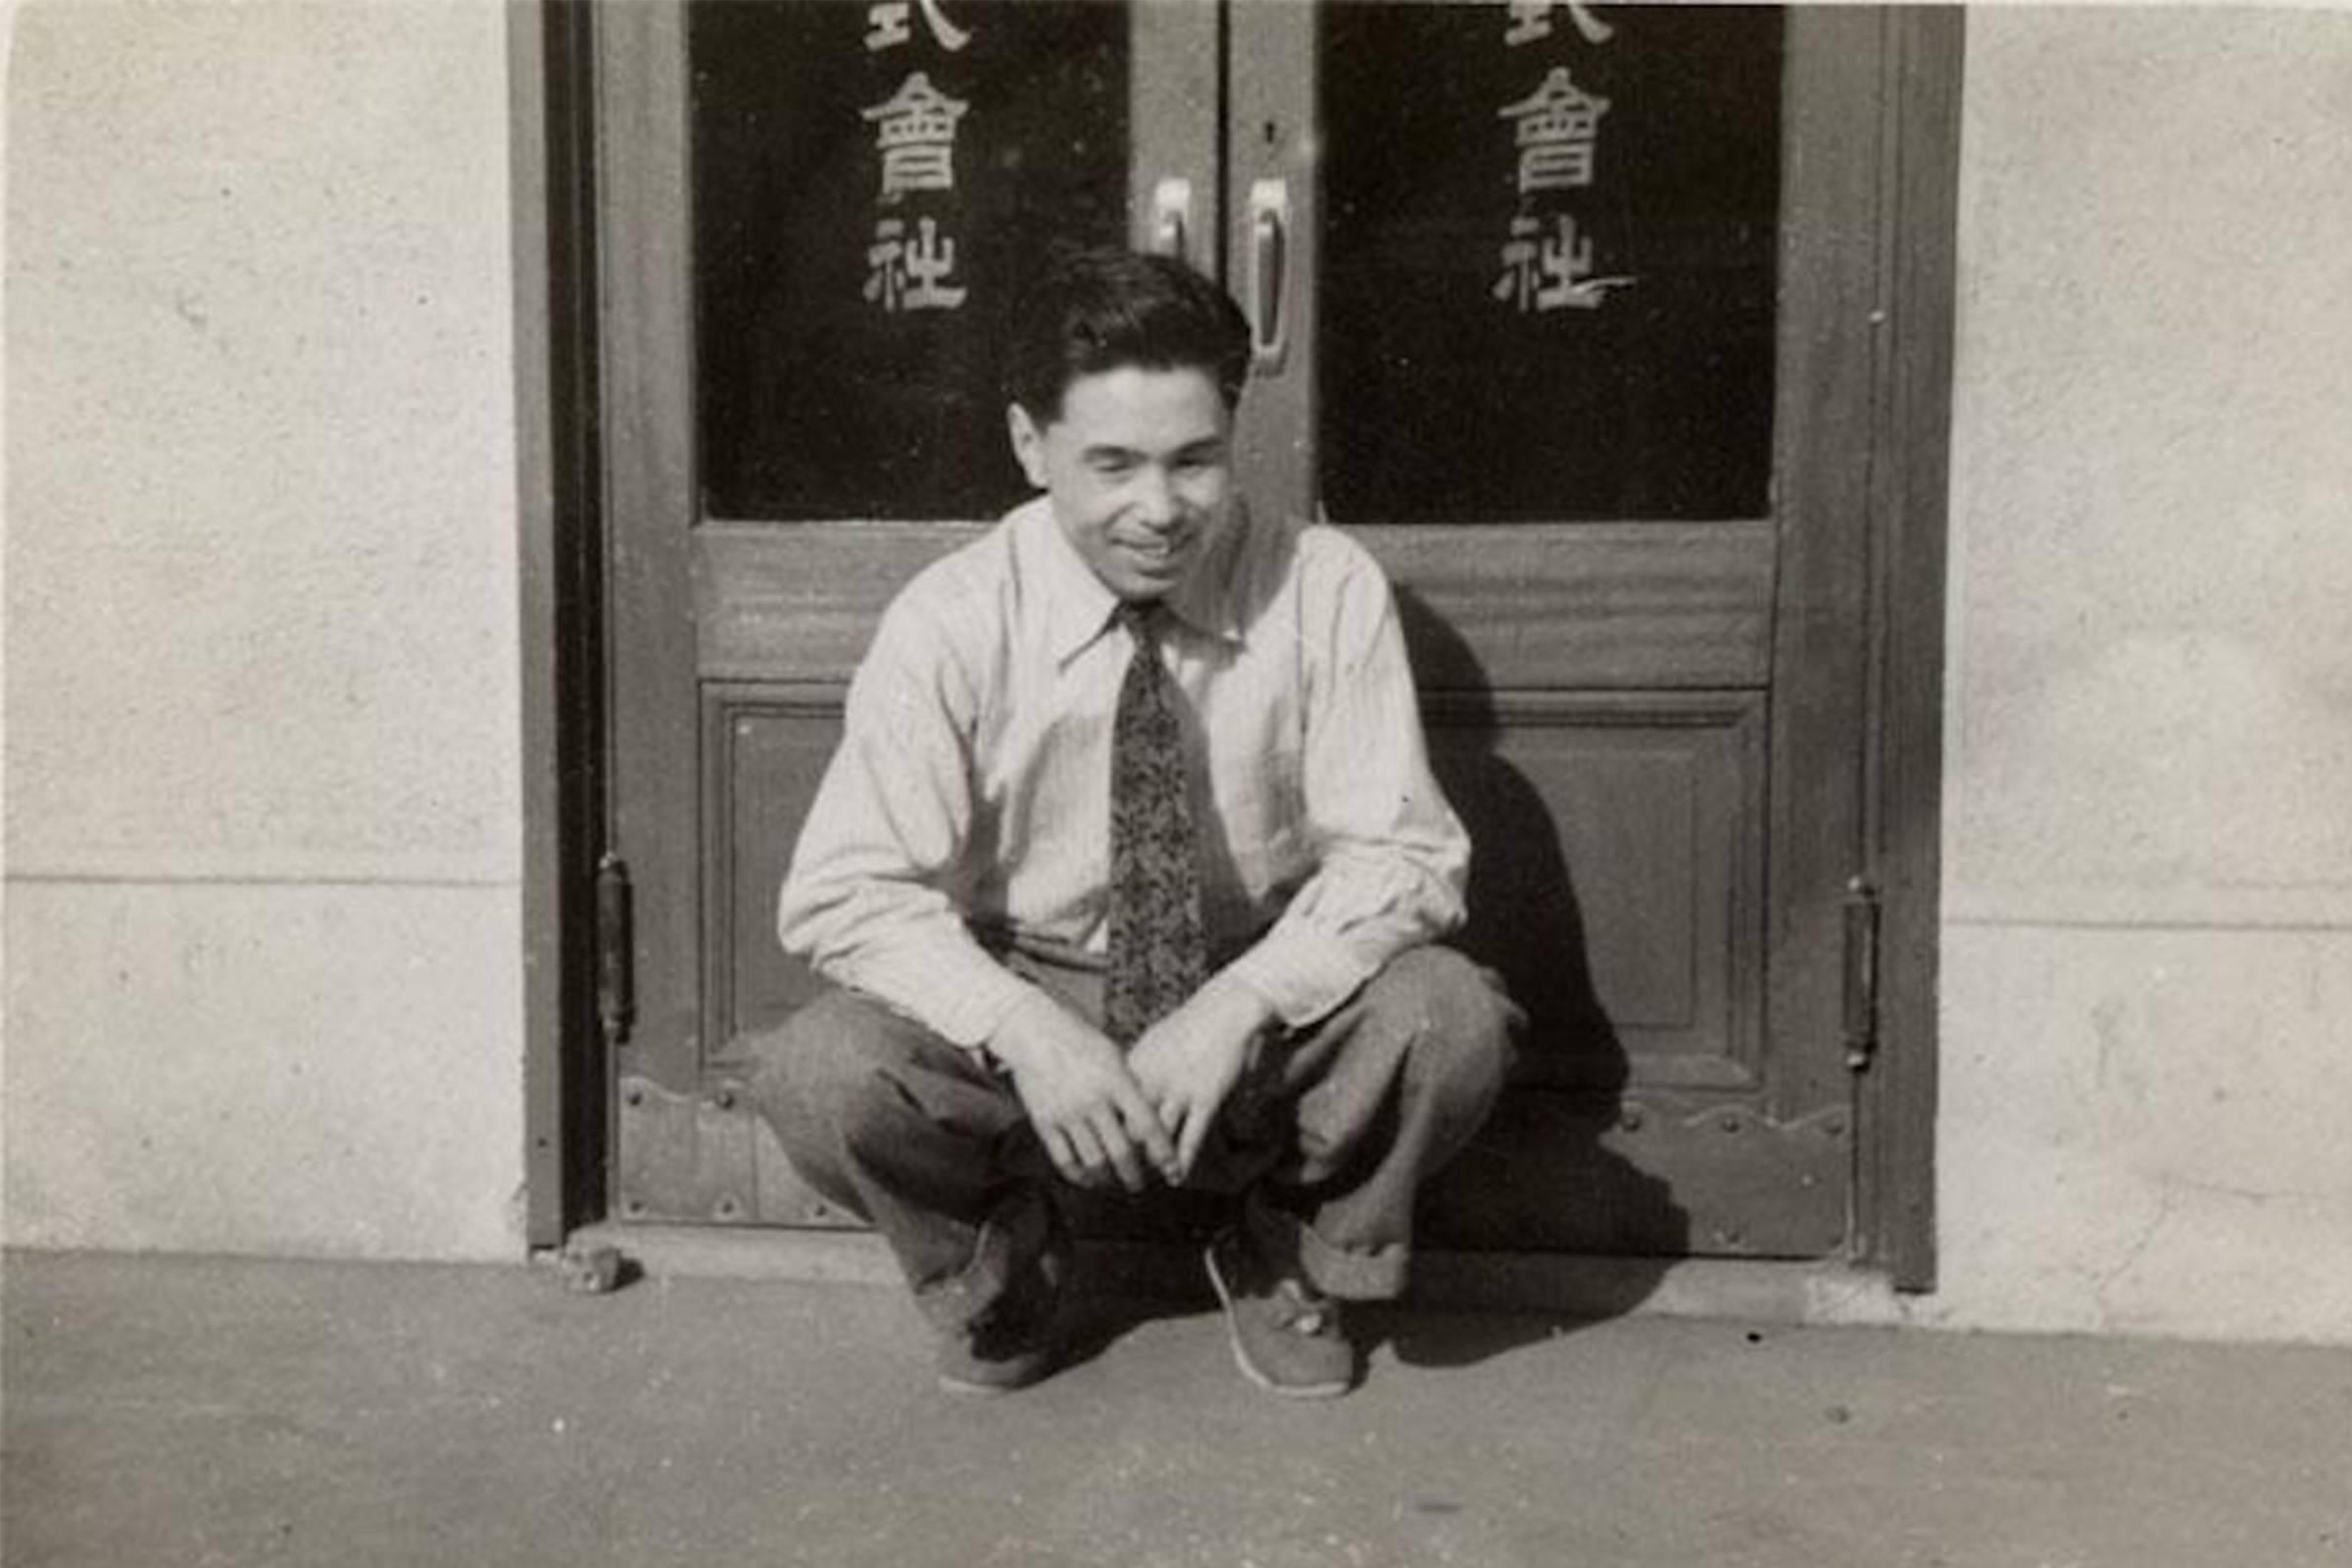 Asics founder Kihachiro Onitsuka (c. 1953)